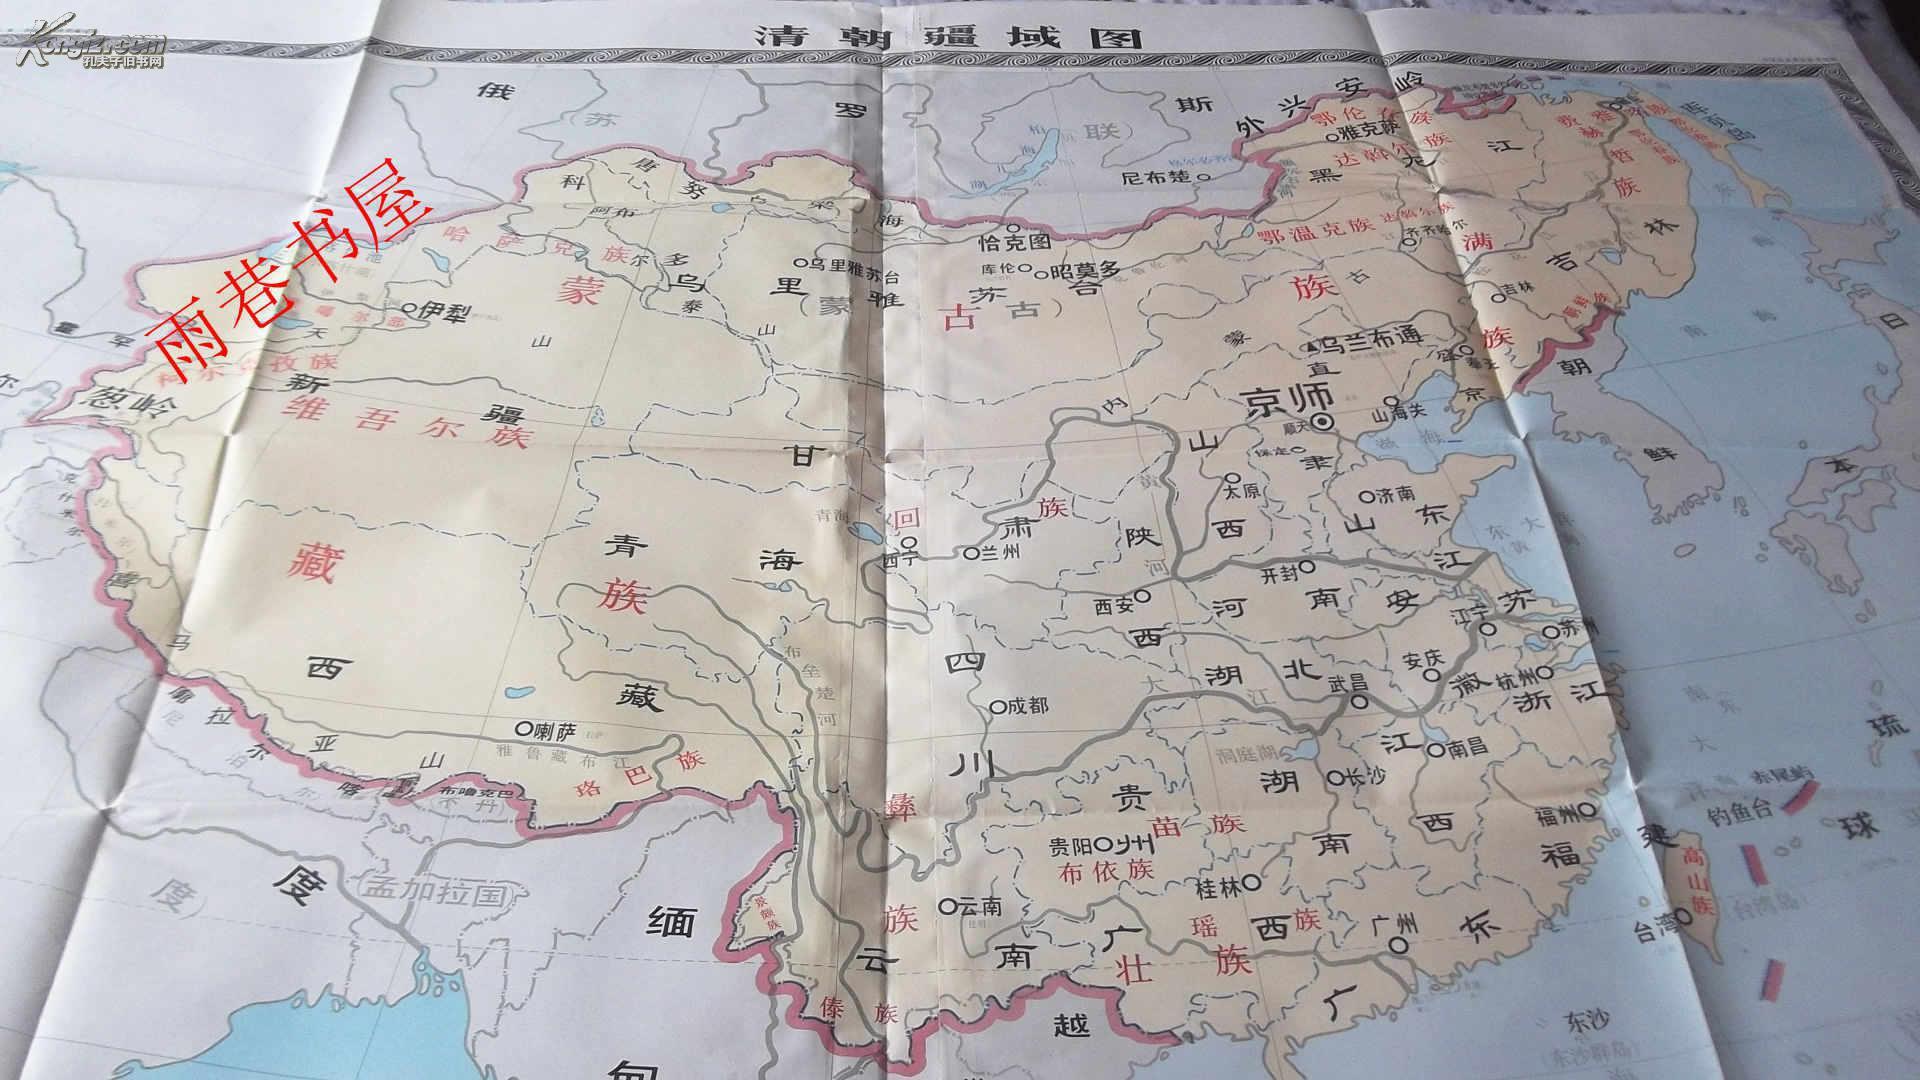 清朝疆域图高清大图